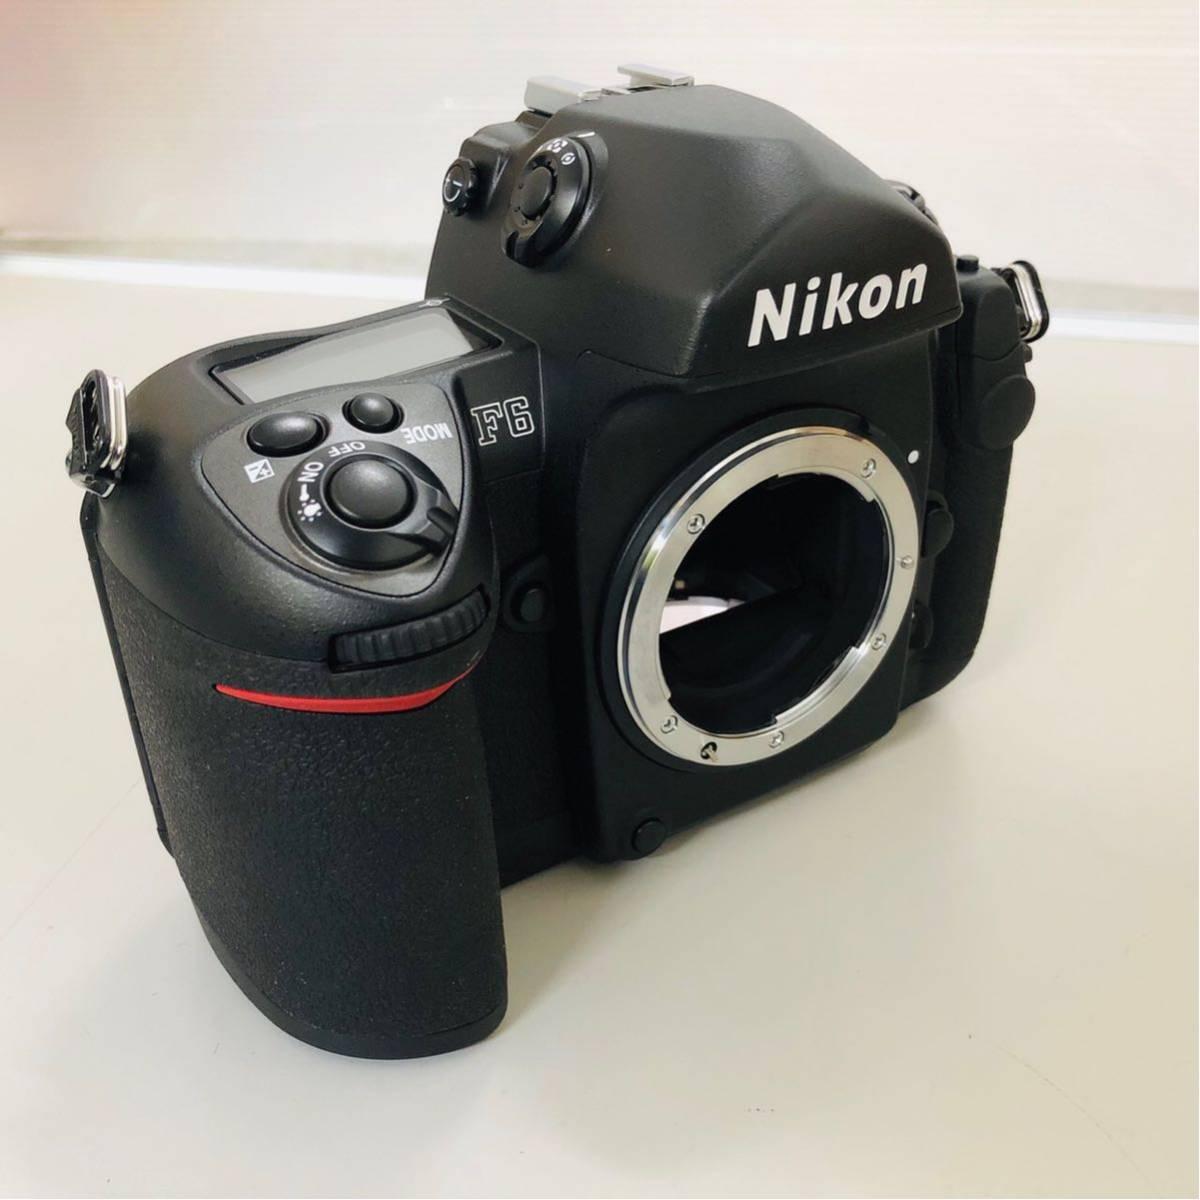 【コレクター放出品】Nikon ニコン F6 ボディ 箱付き シリアル一致元箱 _画像8